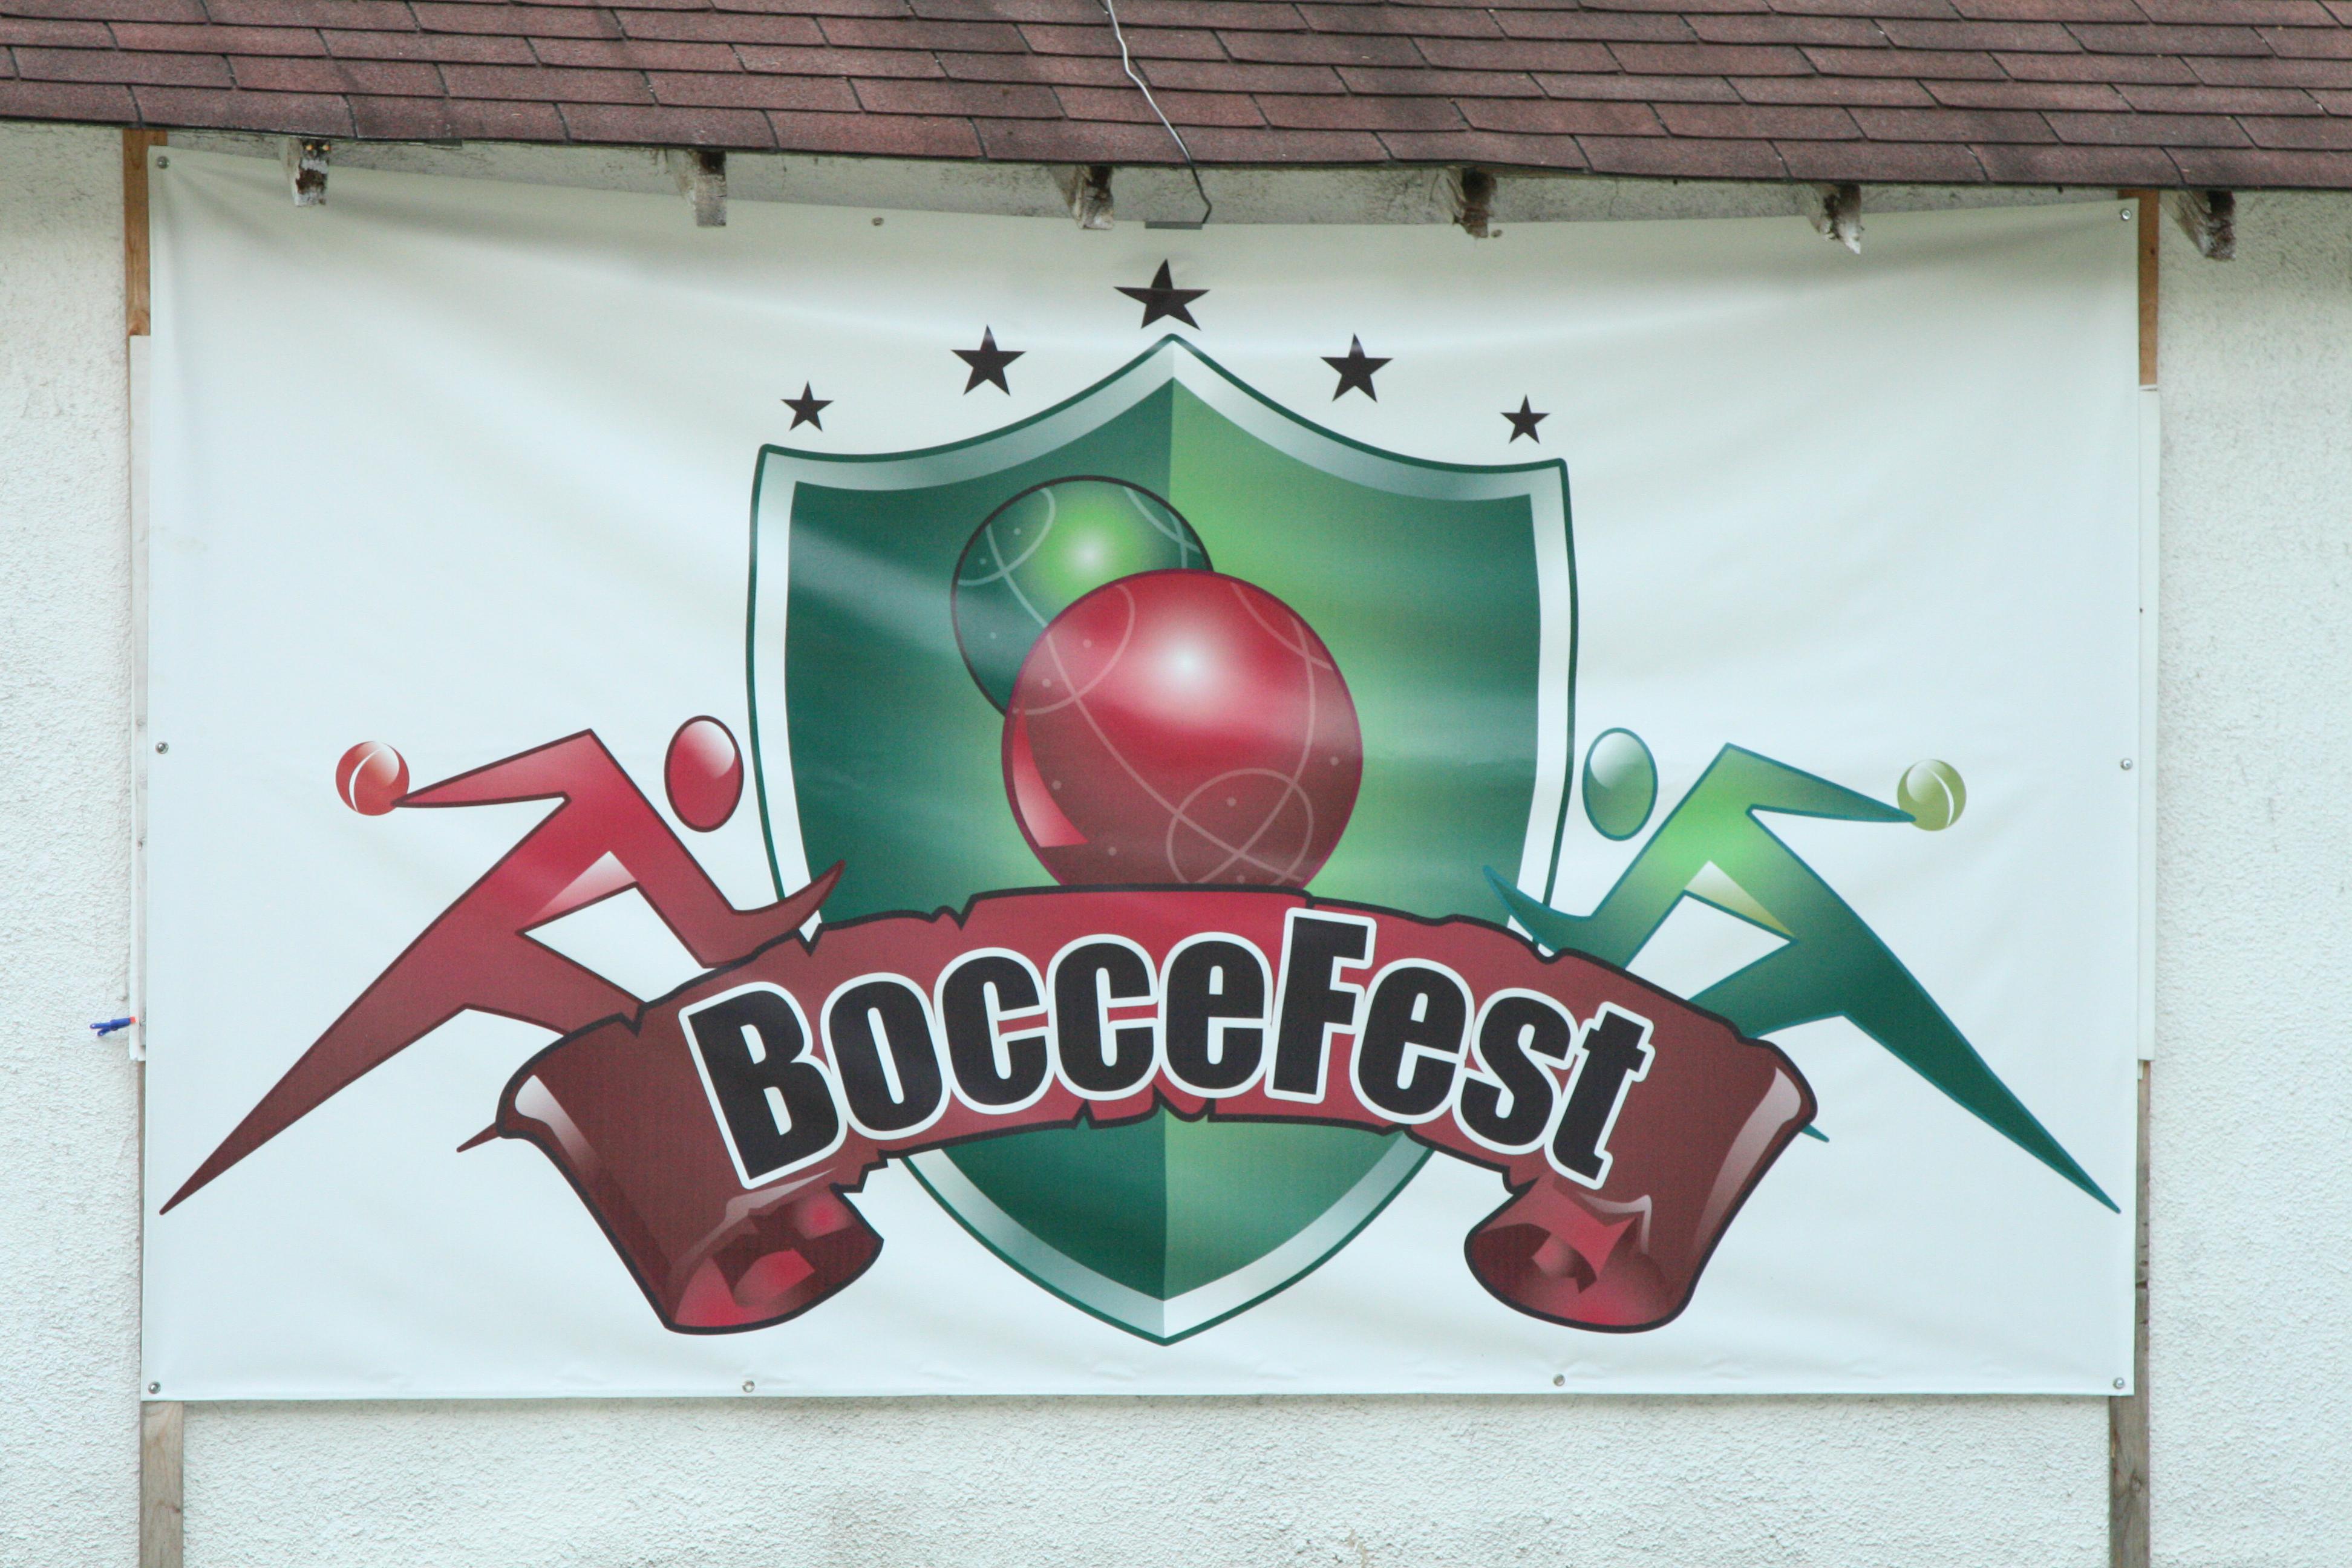 2010-07-31 BocceFest 2010 - XTi 013